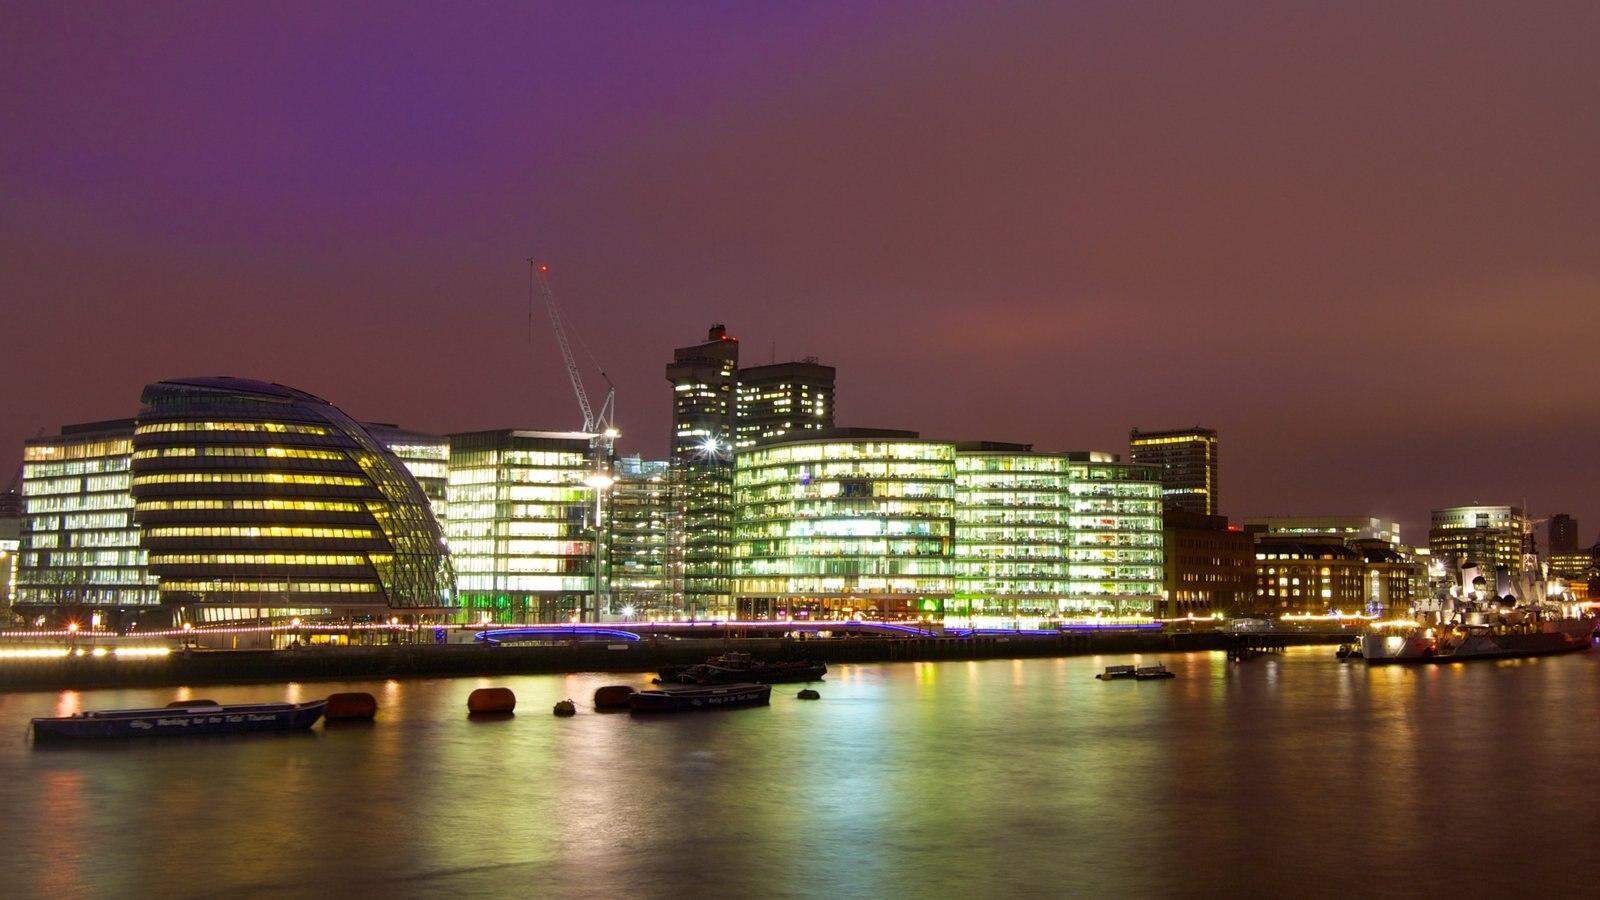 Ayuntamiento de Londres que incluye distrito financiero central, una ciudad y un río o arroyo